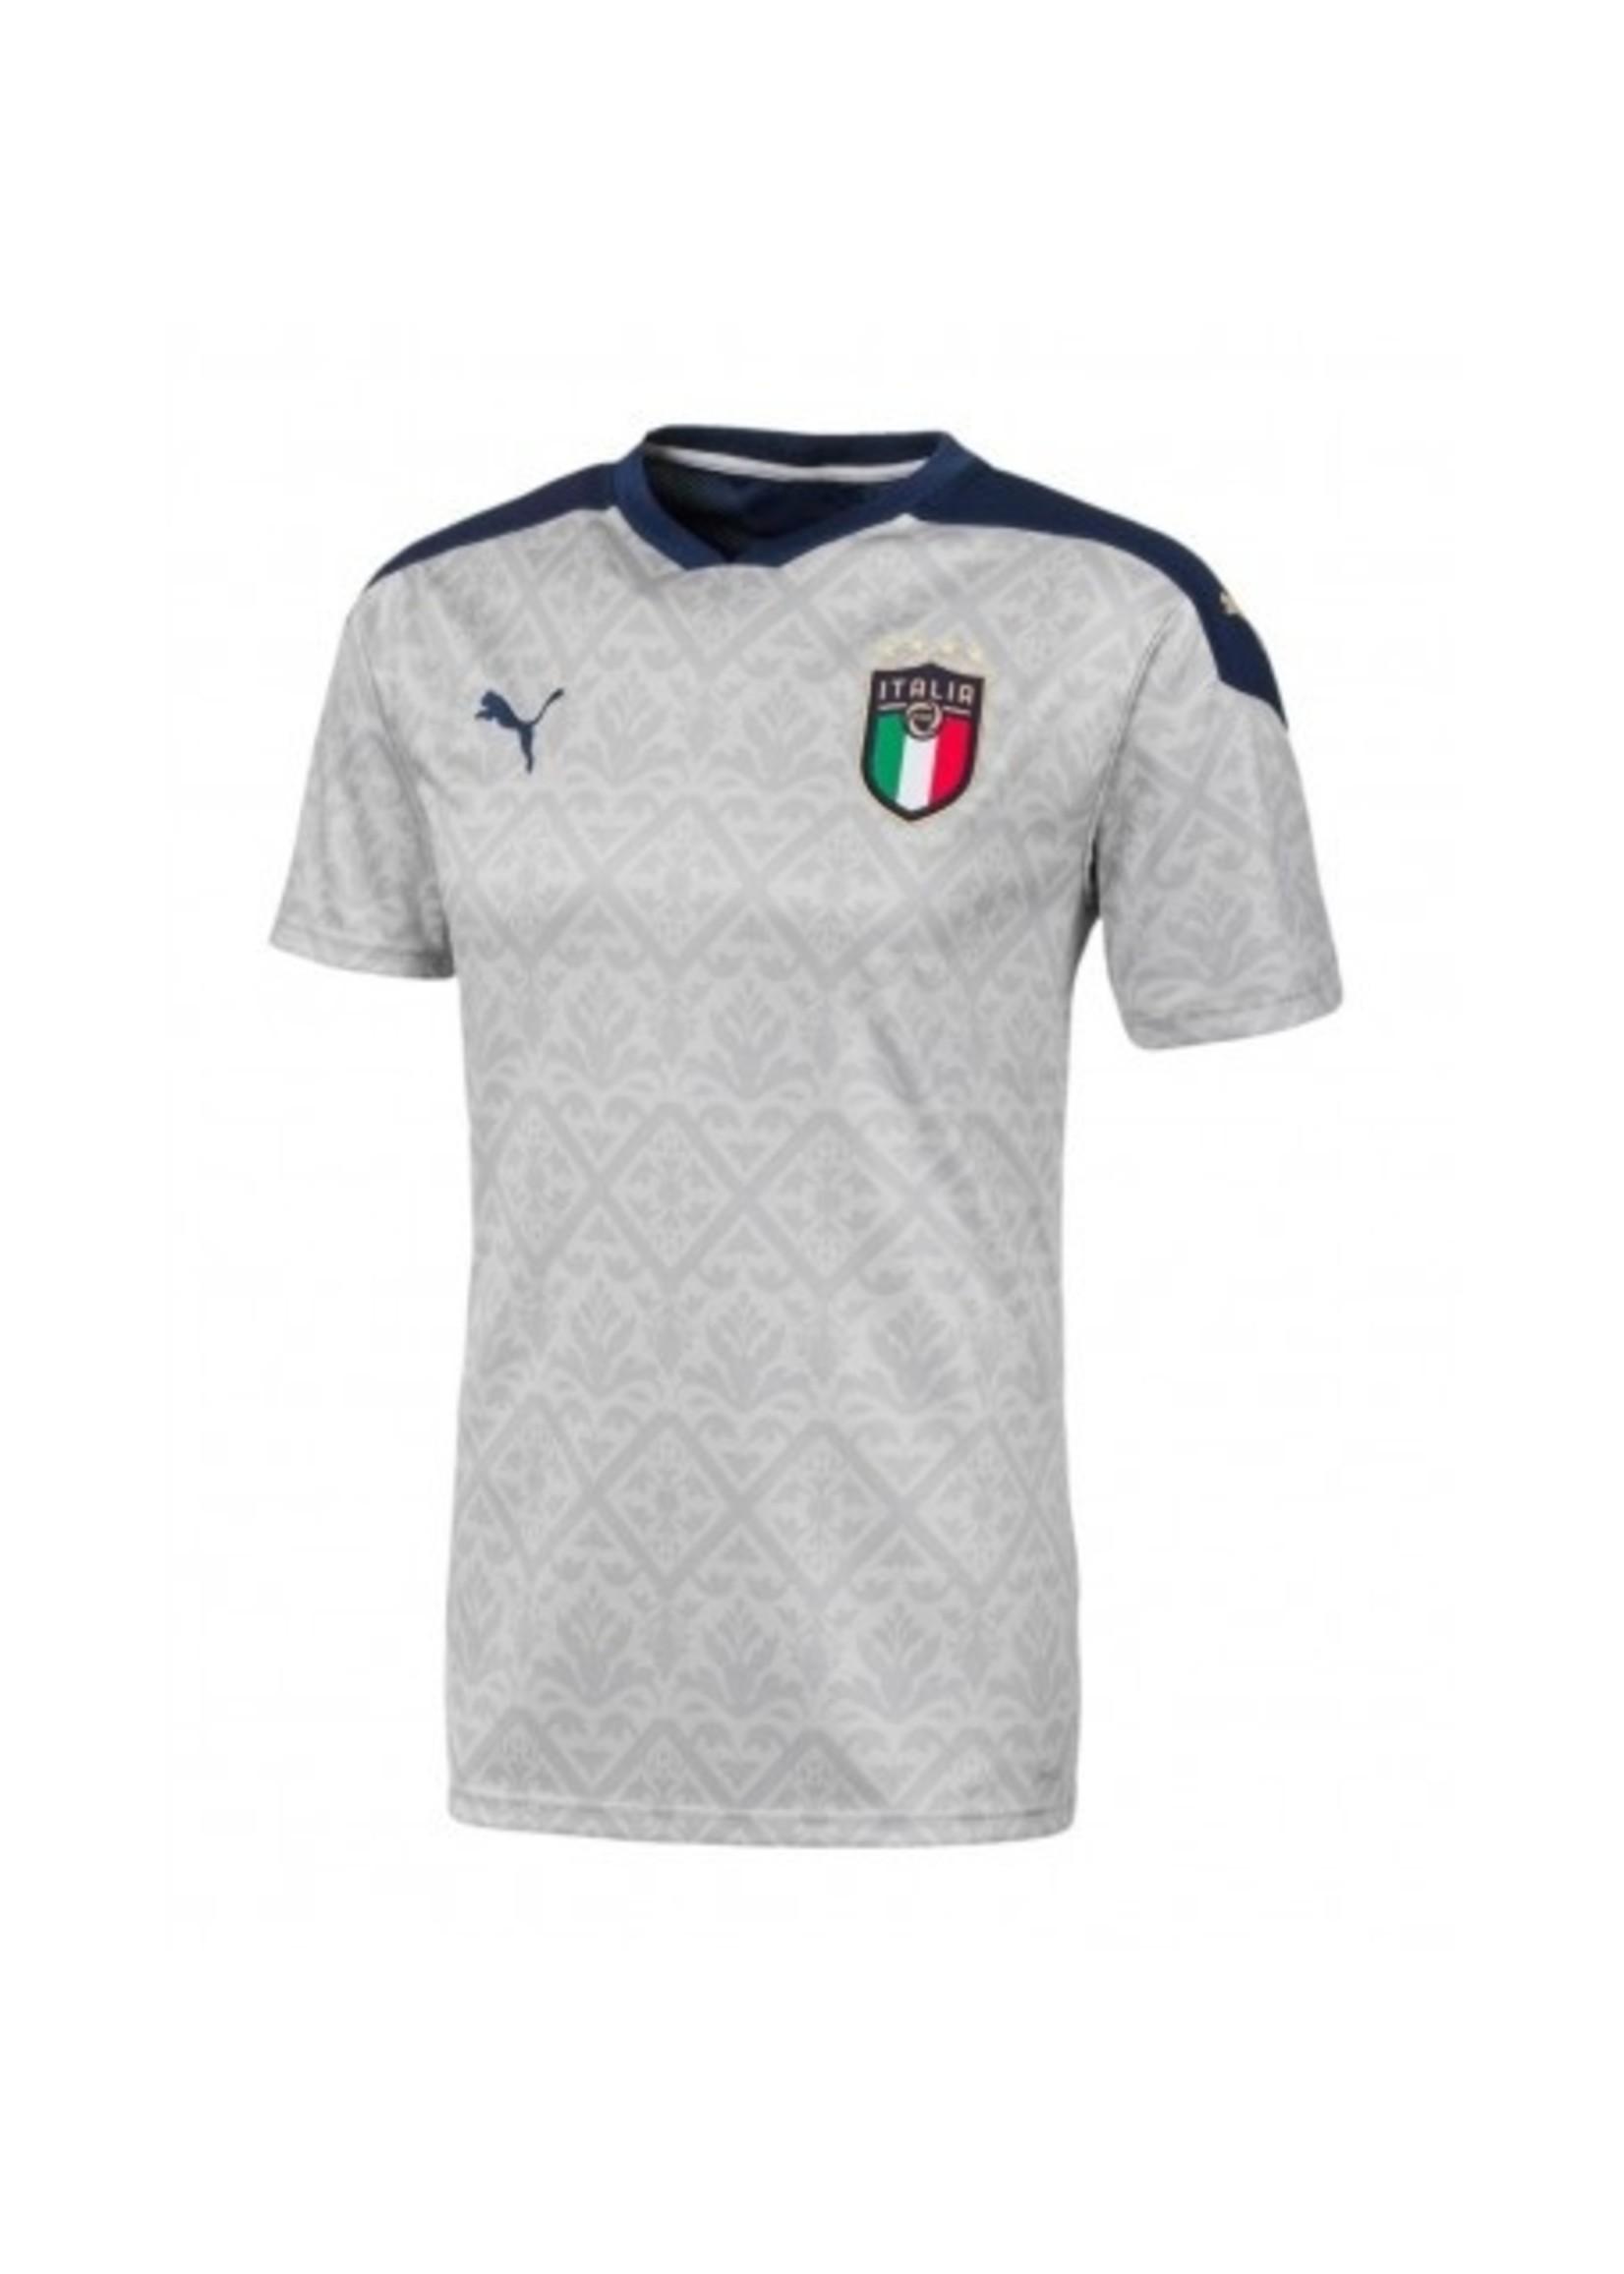 Puma ITALY GK JERSEY 2020